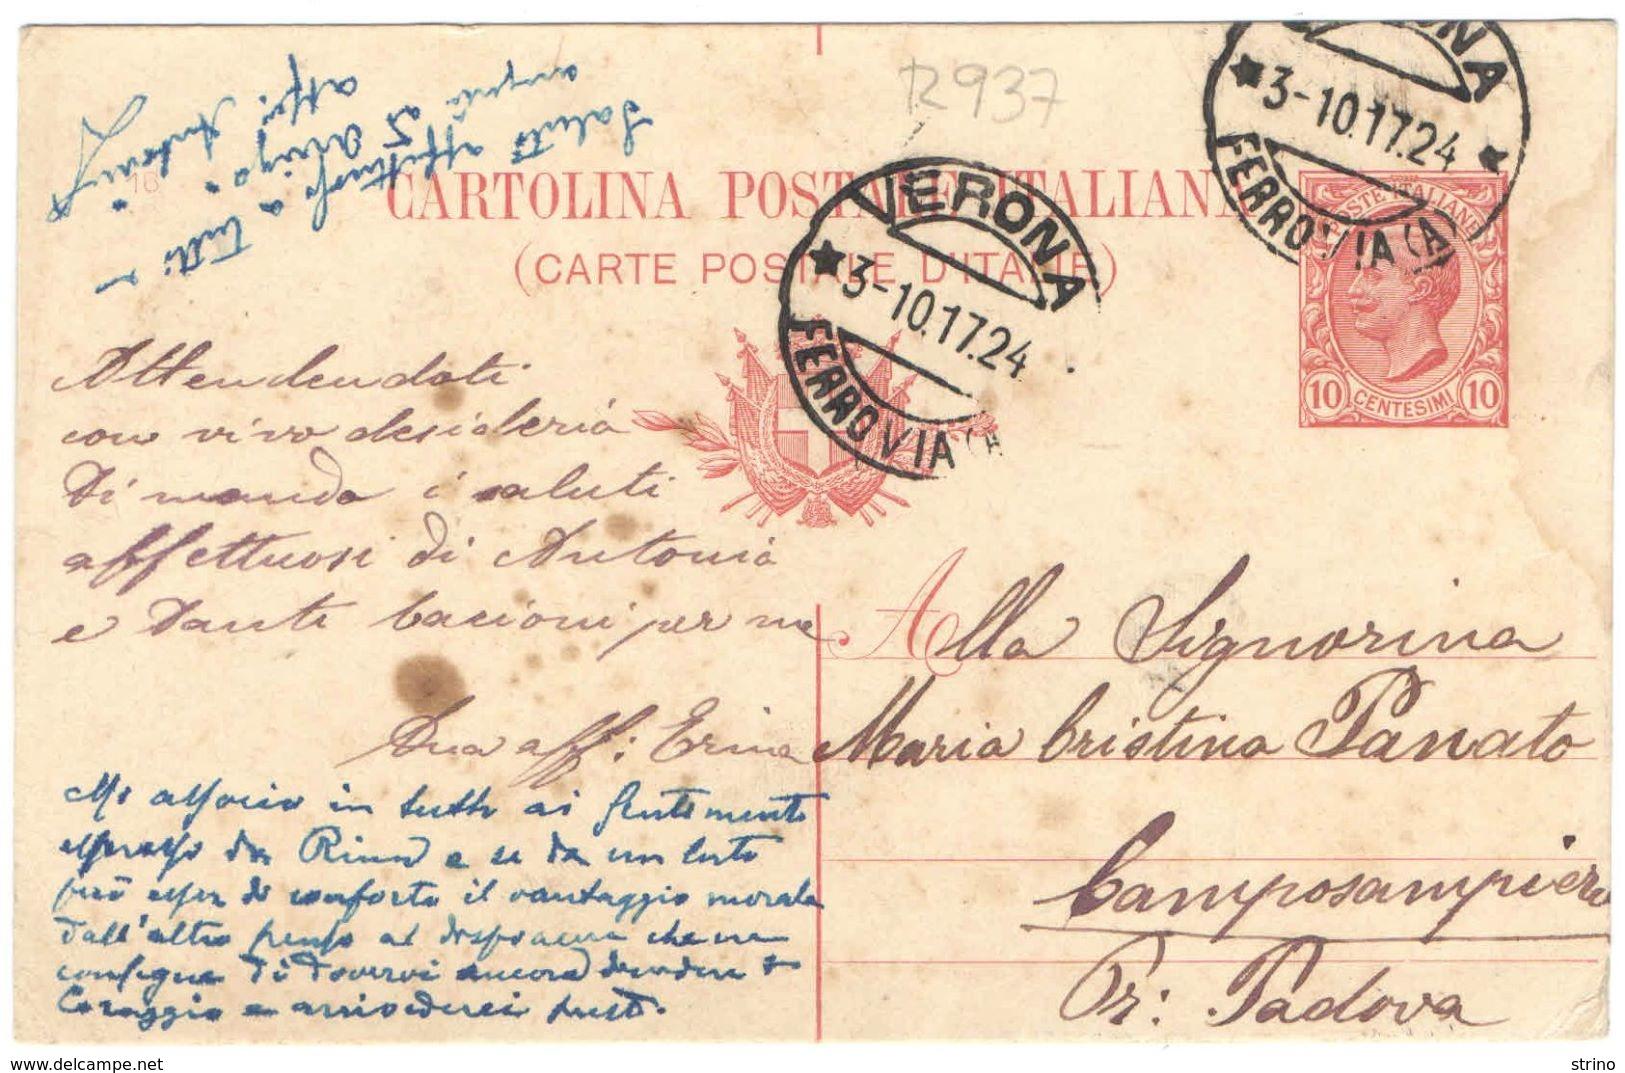 R937) V.E.III CARTOLINA POSTALE 10 C. LEONI MILL. 16 CON TAGLIO SPOSTATO VERTICALMENTE - 1900-44 Vittorio Emanuele III